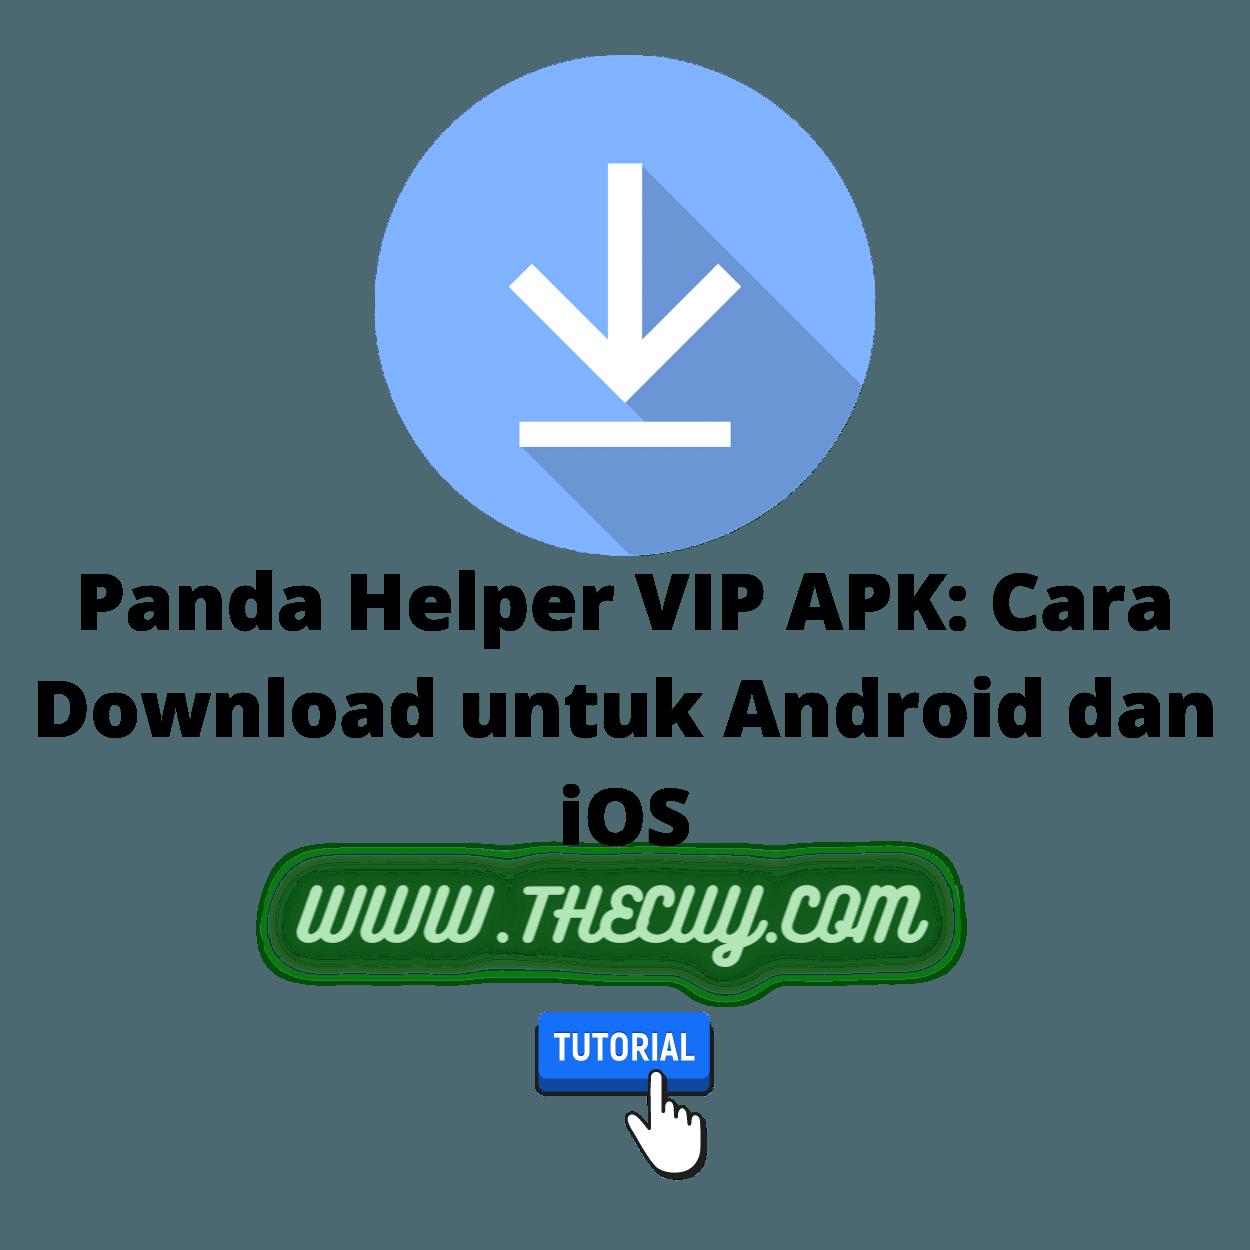 Panda Helper VIP APK: Cara Download untuk Android dan iOS